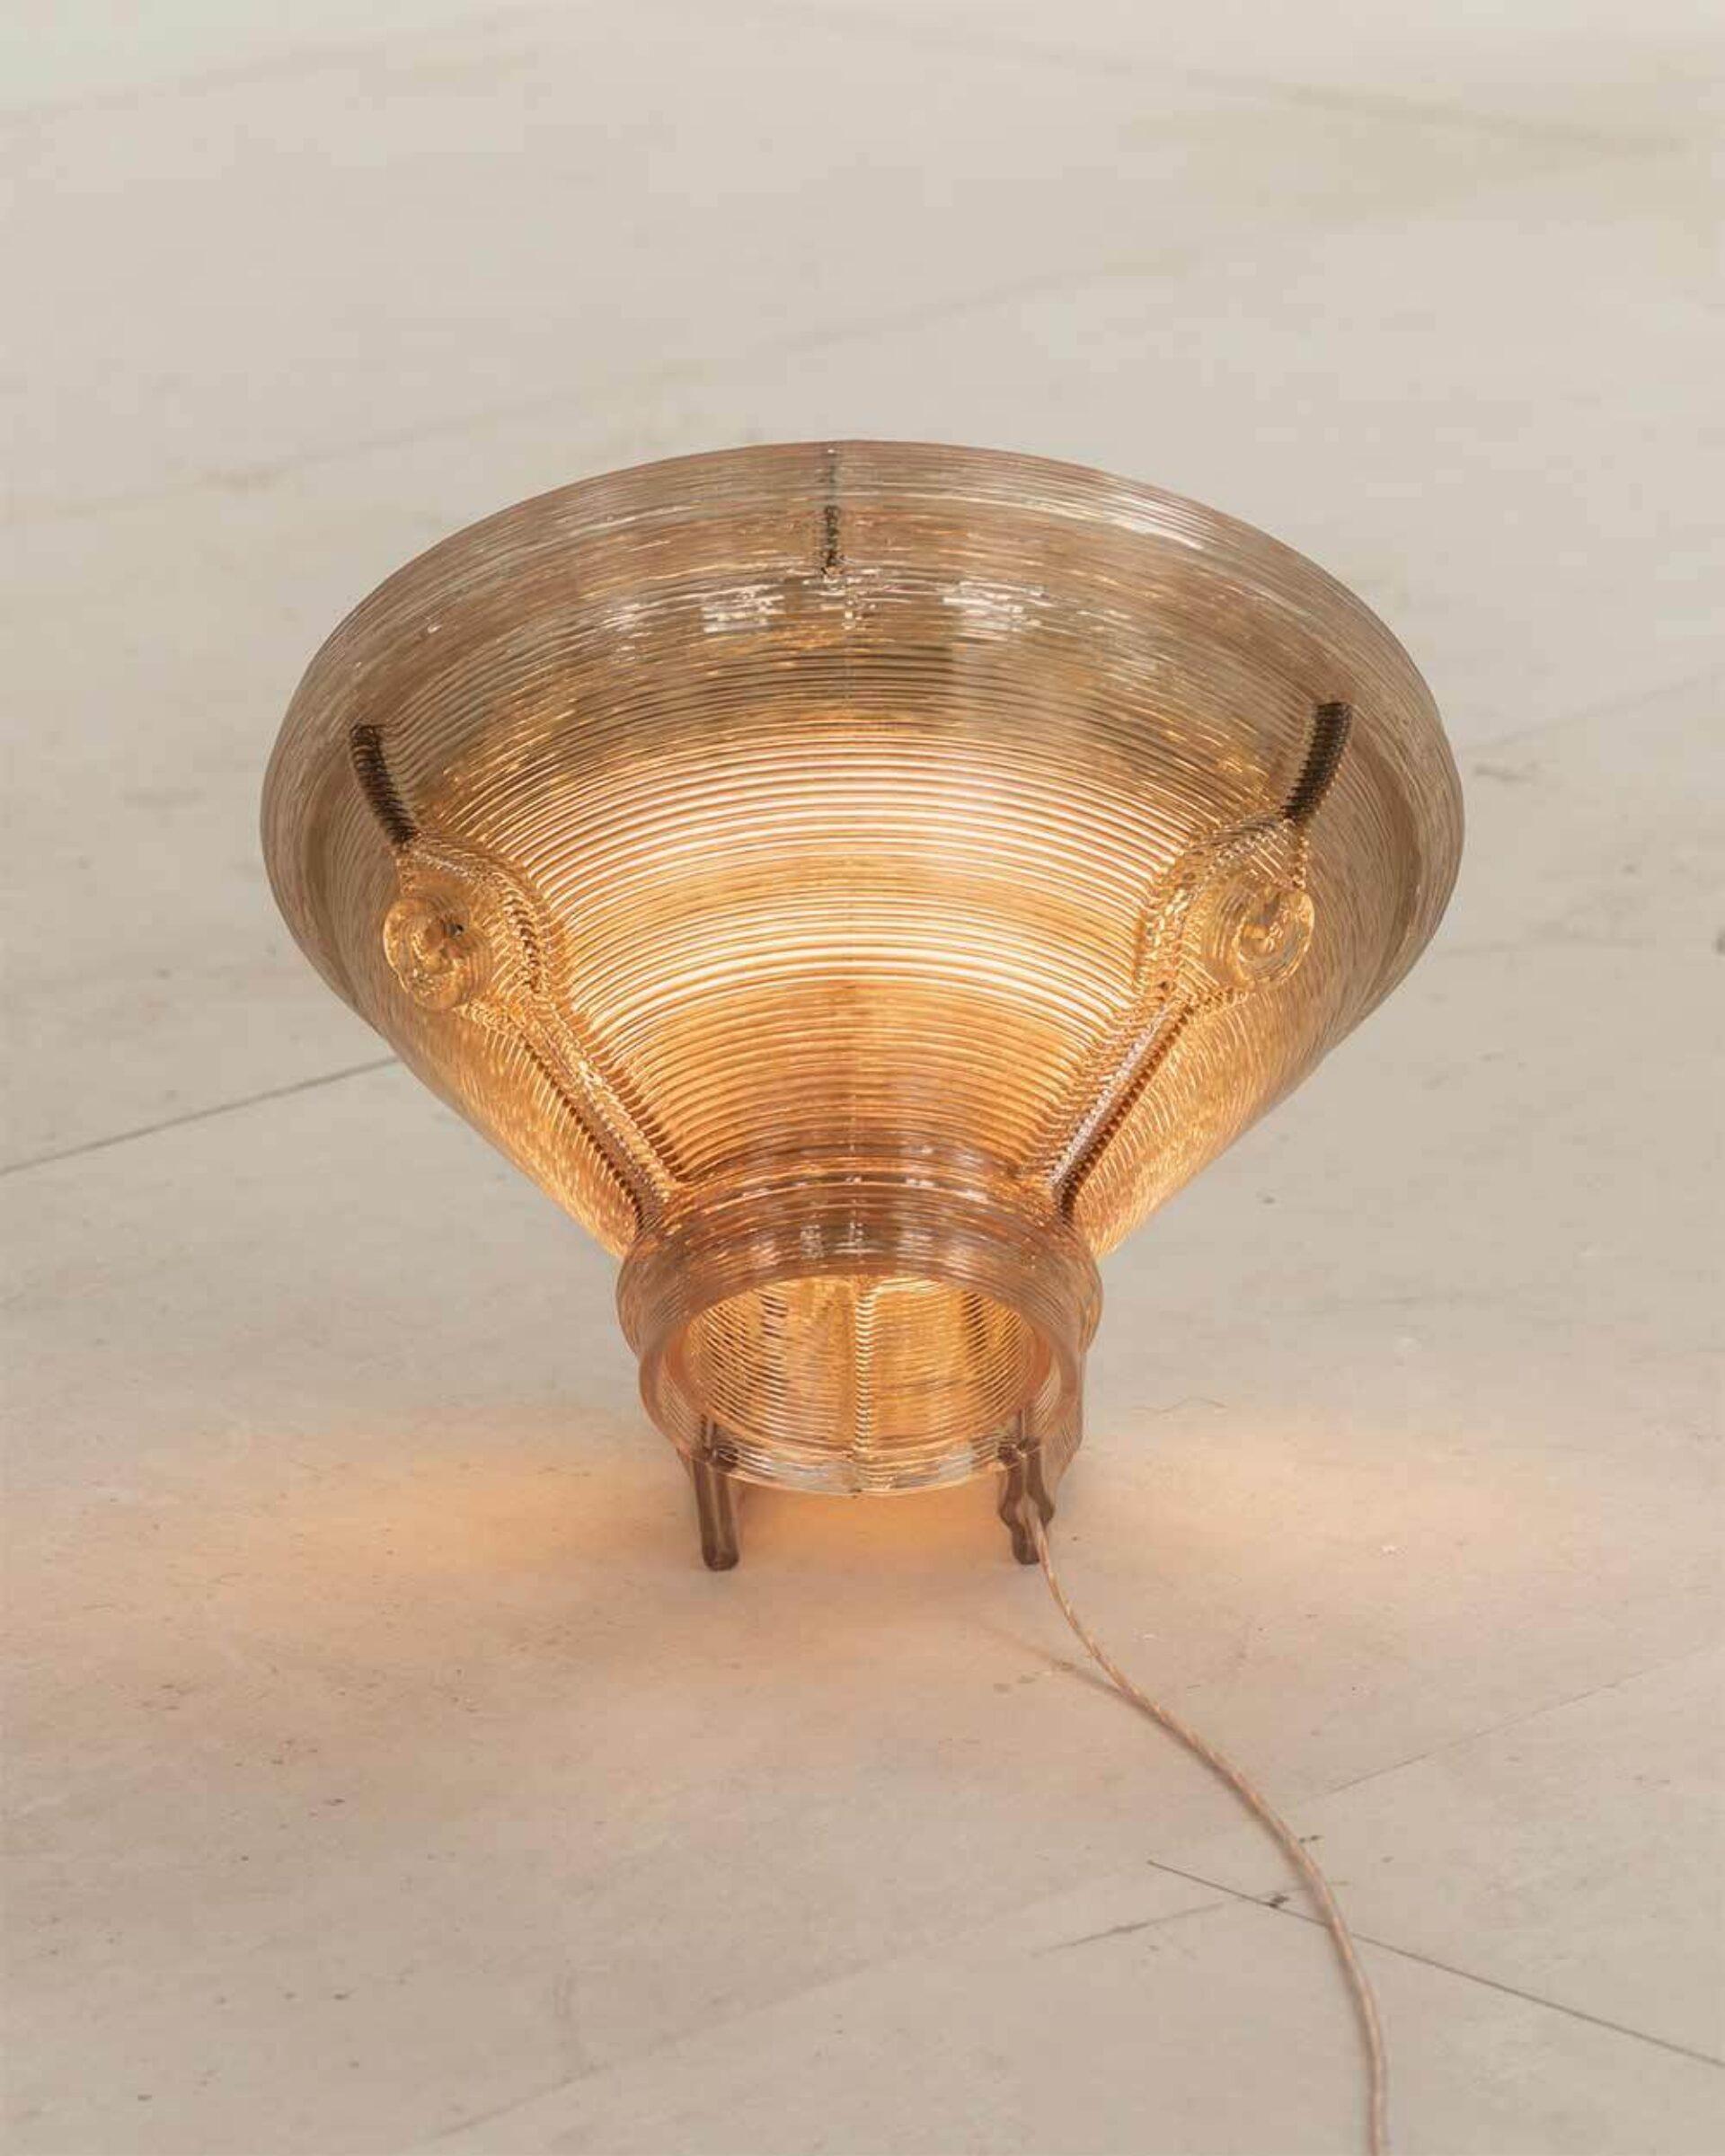 Kooij satellite floor lamp rear view recycled plastic lighting